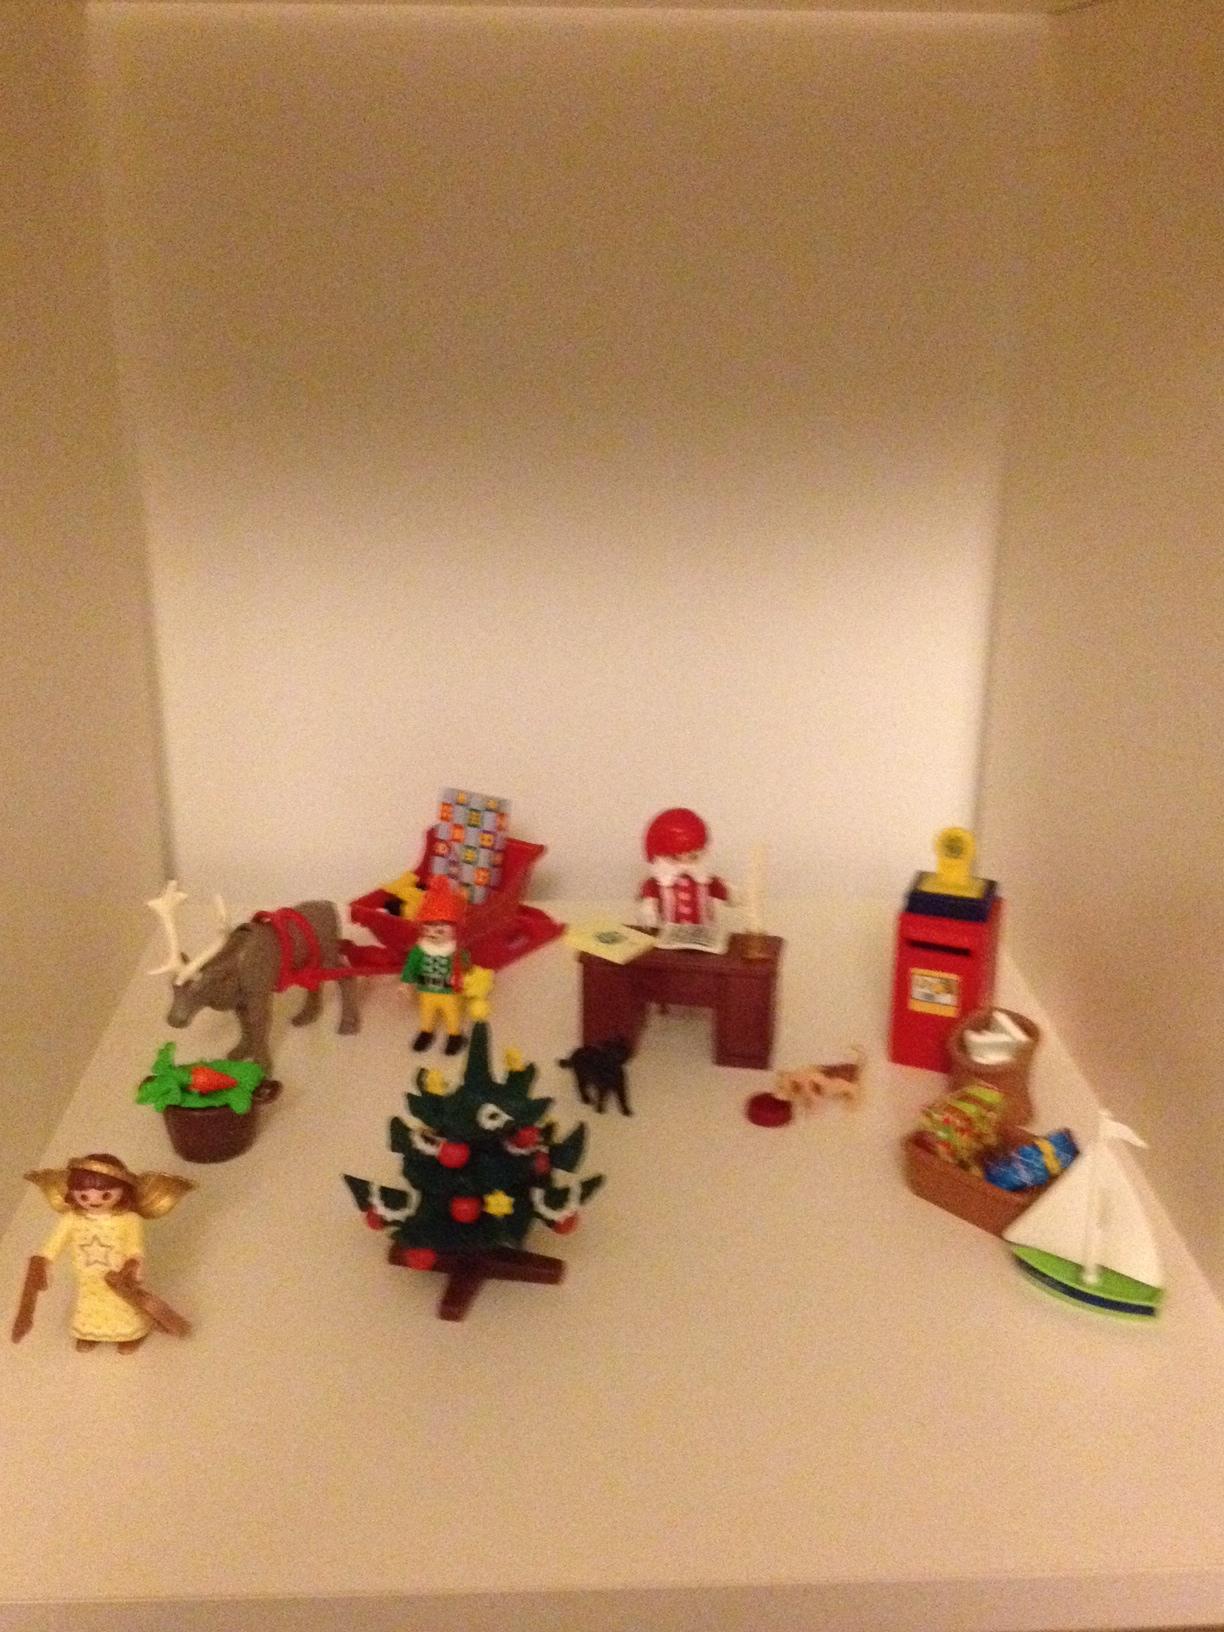 Playmobil for Christmas - Savannah Page